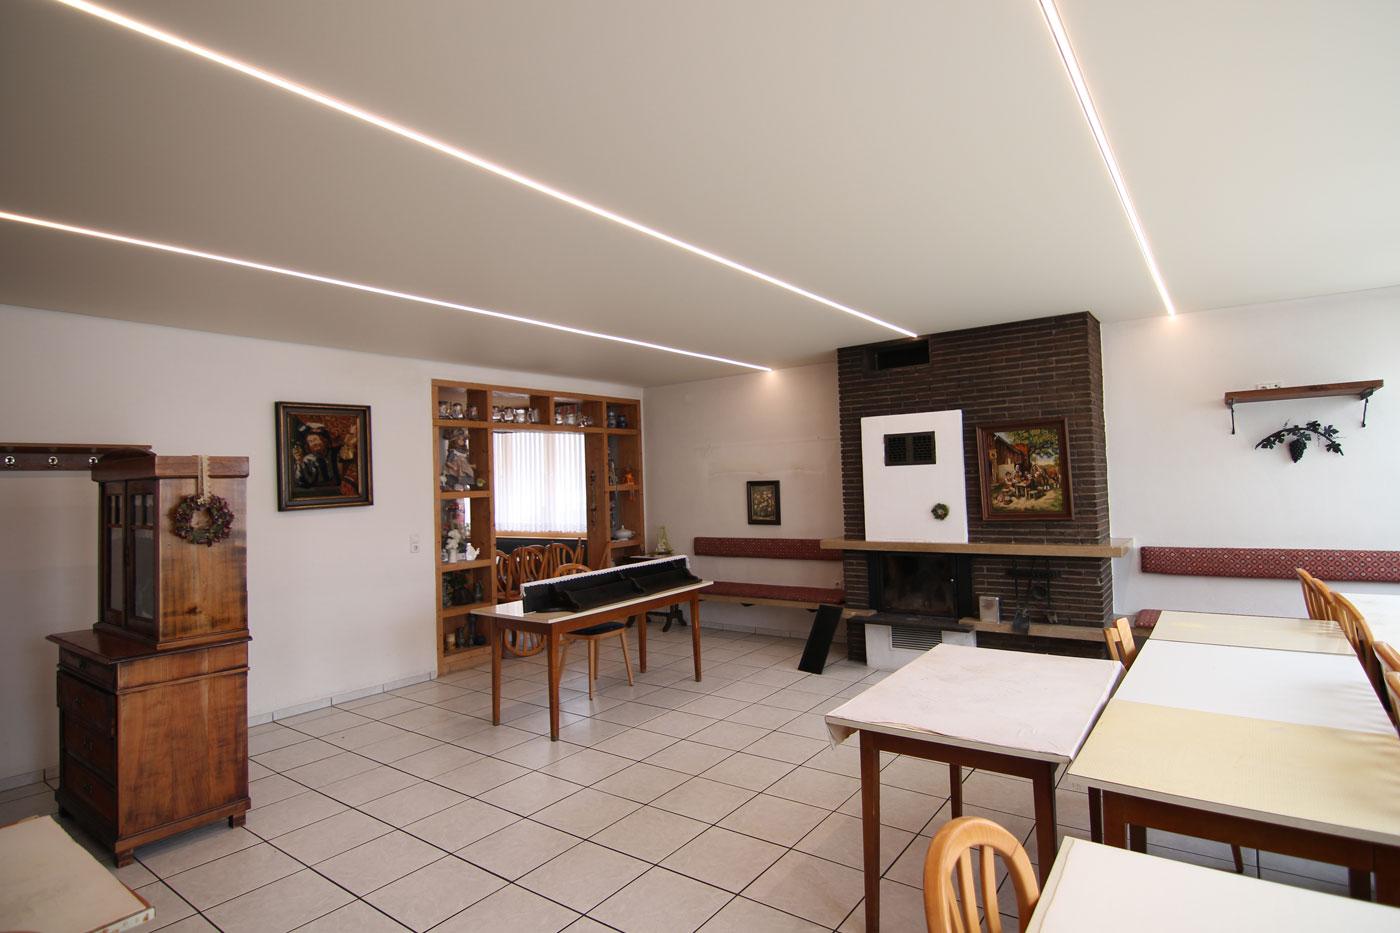 Spanndeckenstudio Teller - Referenzen - Gewerbe 003